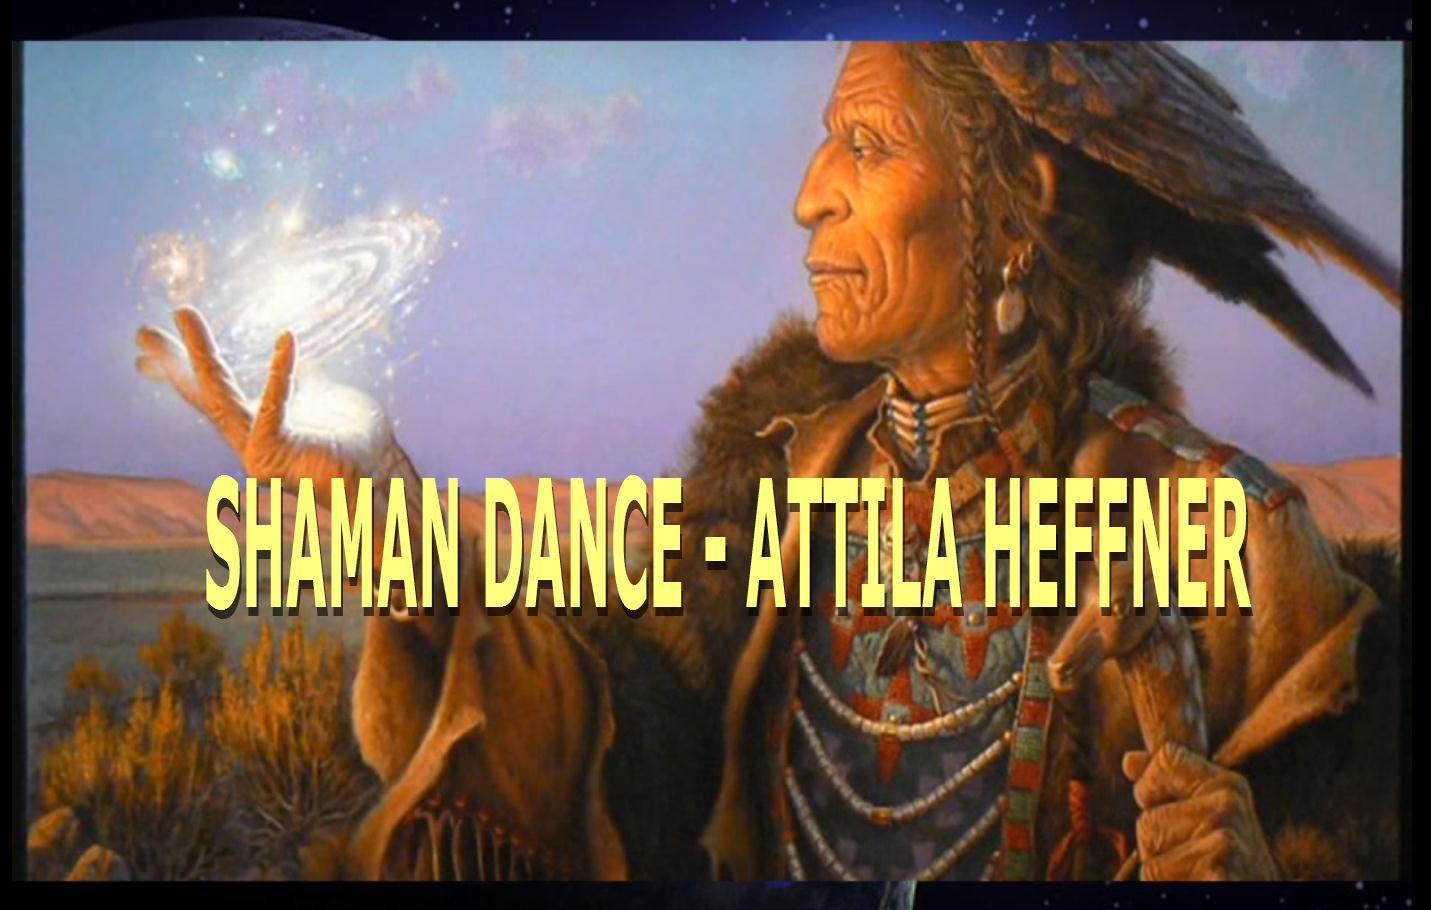 Heffner Attila